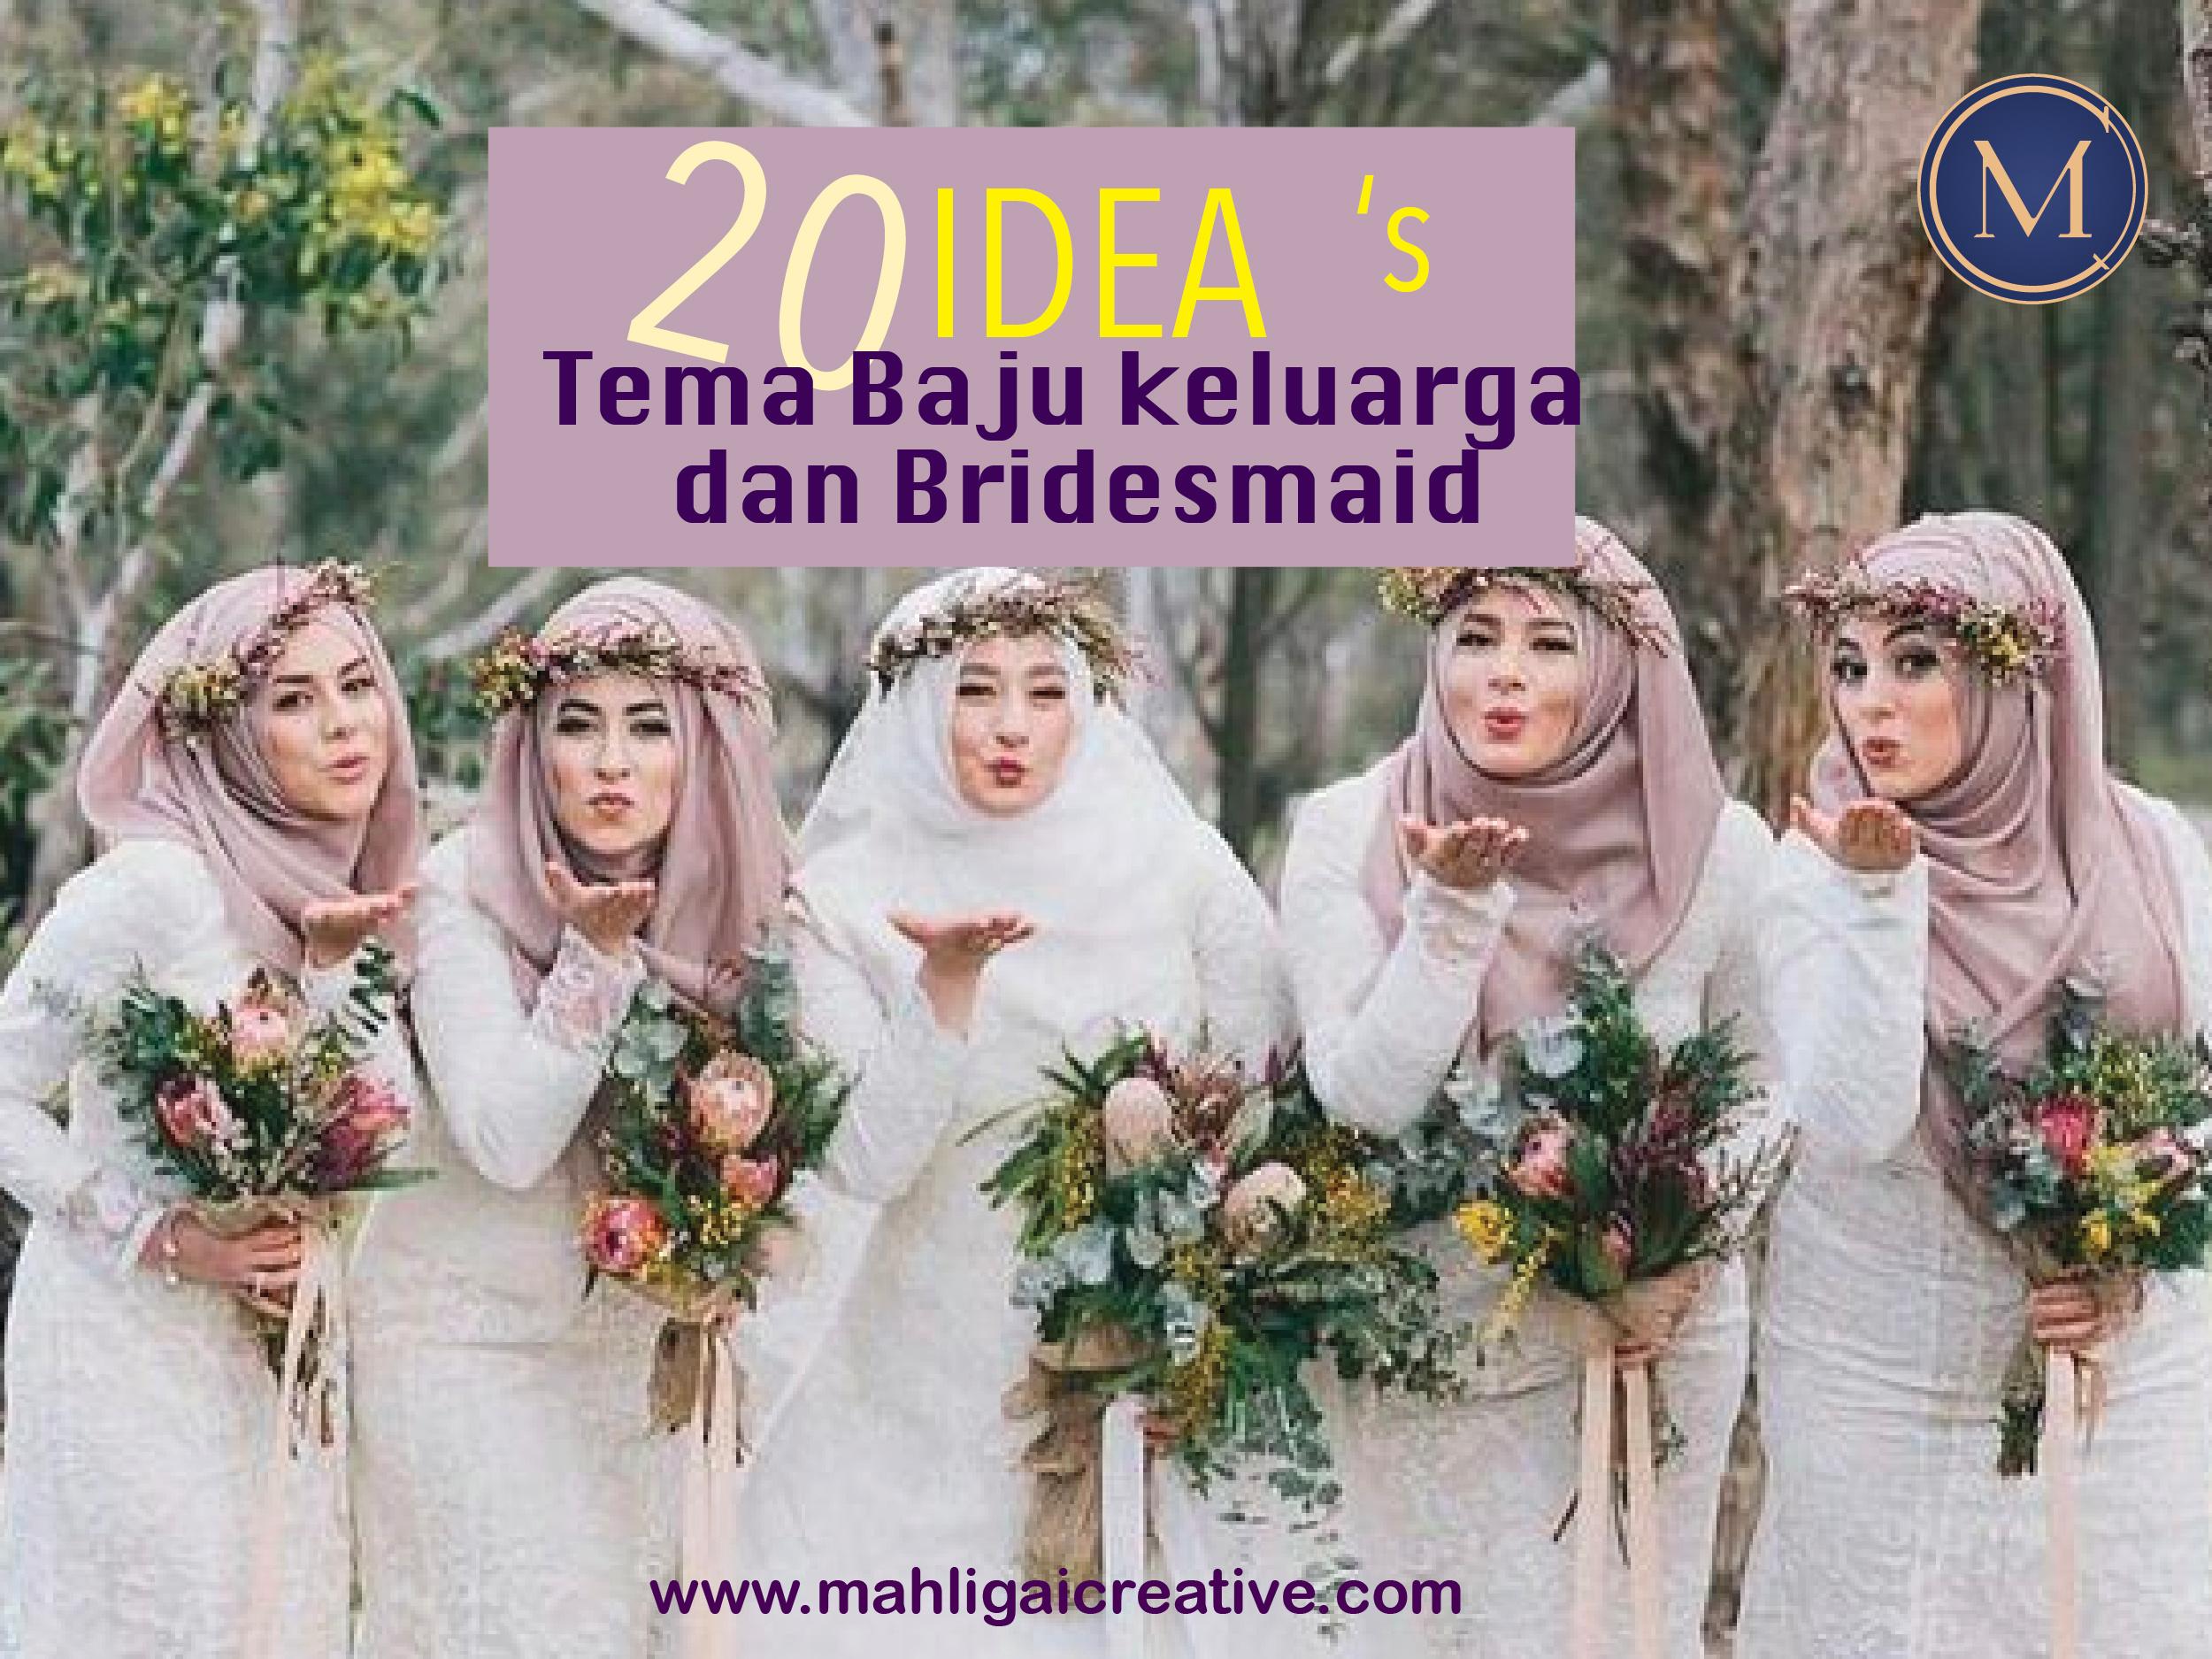 20 Tema Warna Baju Keluarga Baju Bridesmaid Di Hari Perkahwinan